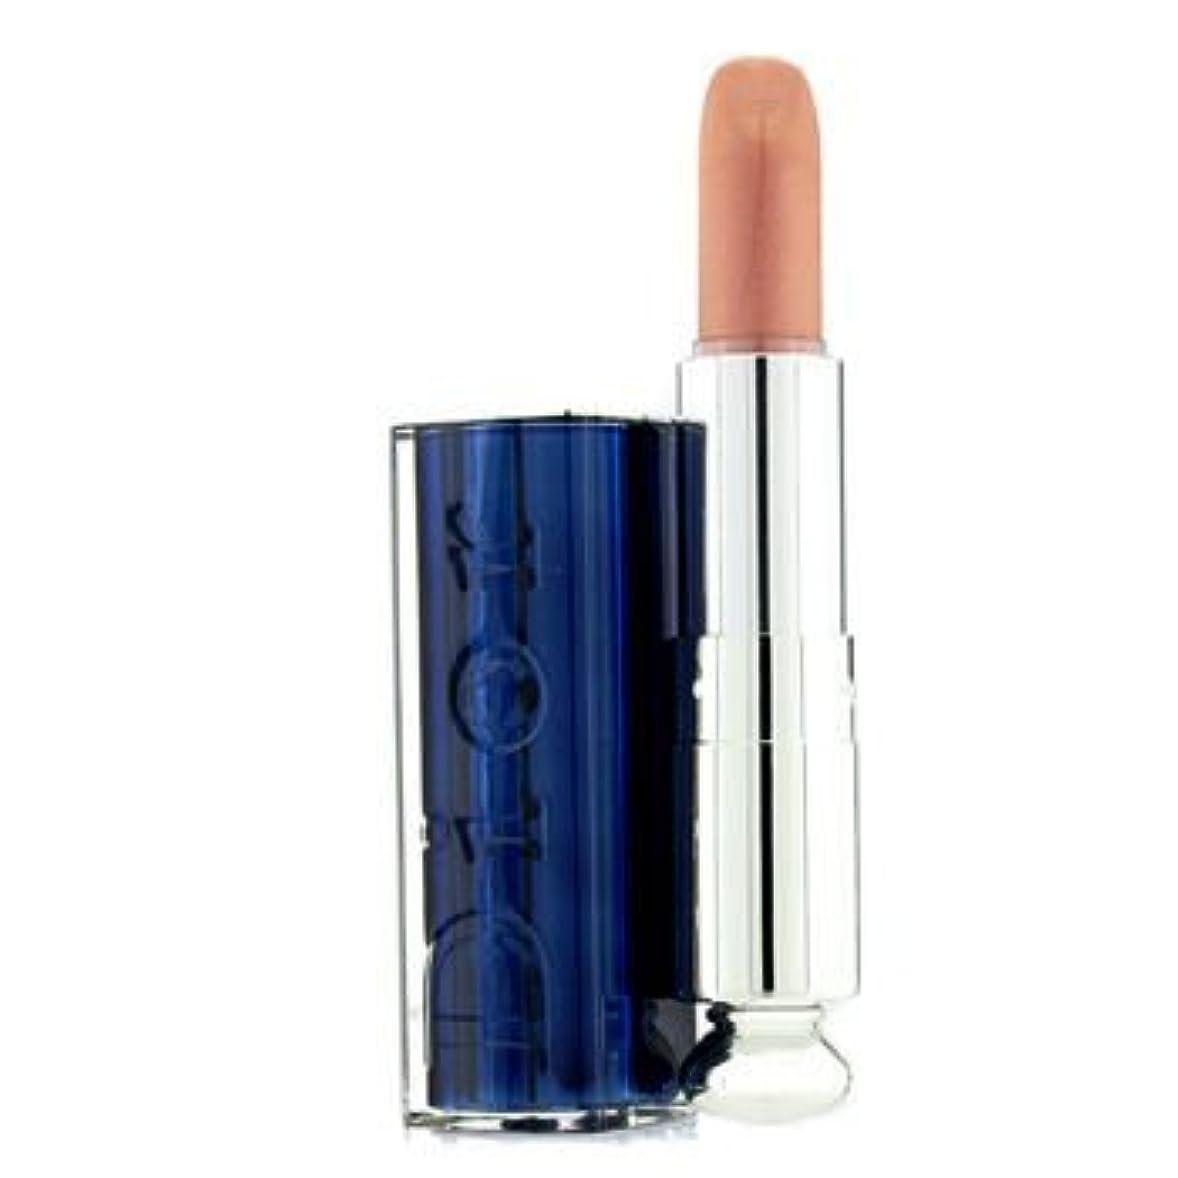 列挙するシェル掃くDior Addict High Impact Weightless-Lipcolor #319 Beige Dandy(ディオール アディクト ハイインパクト リップカラー #319 ベージュダンディ) [並行輸入品]